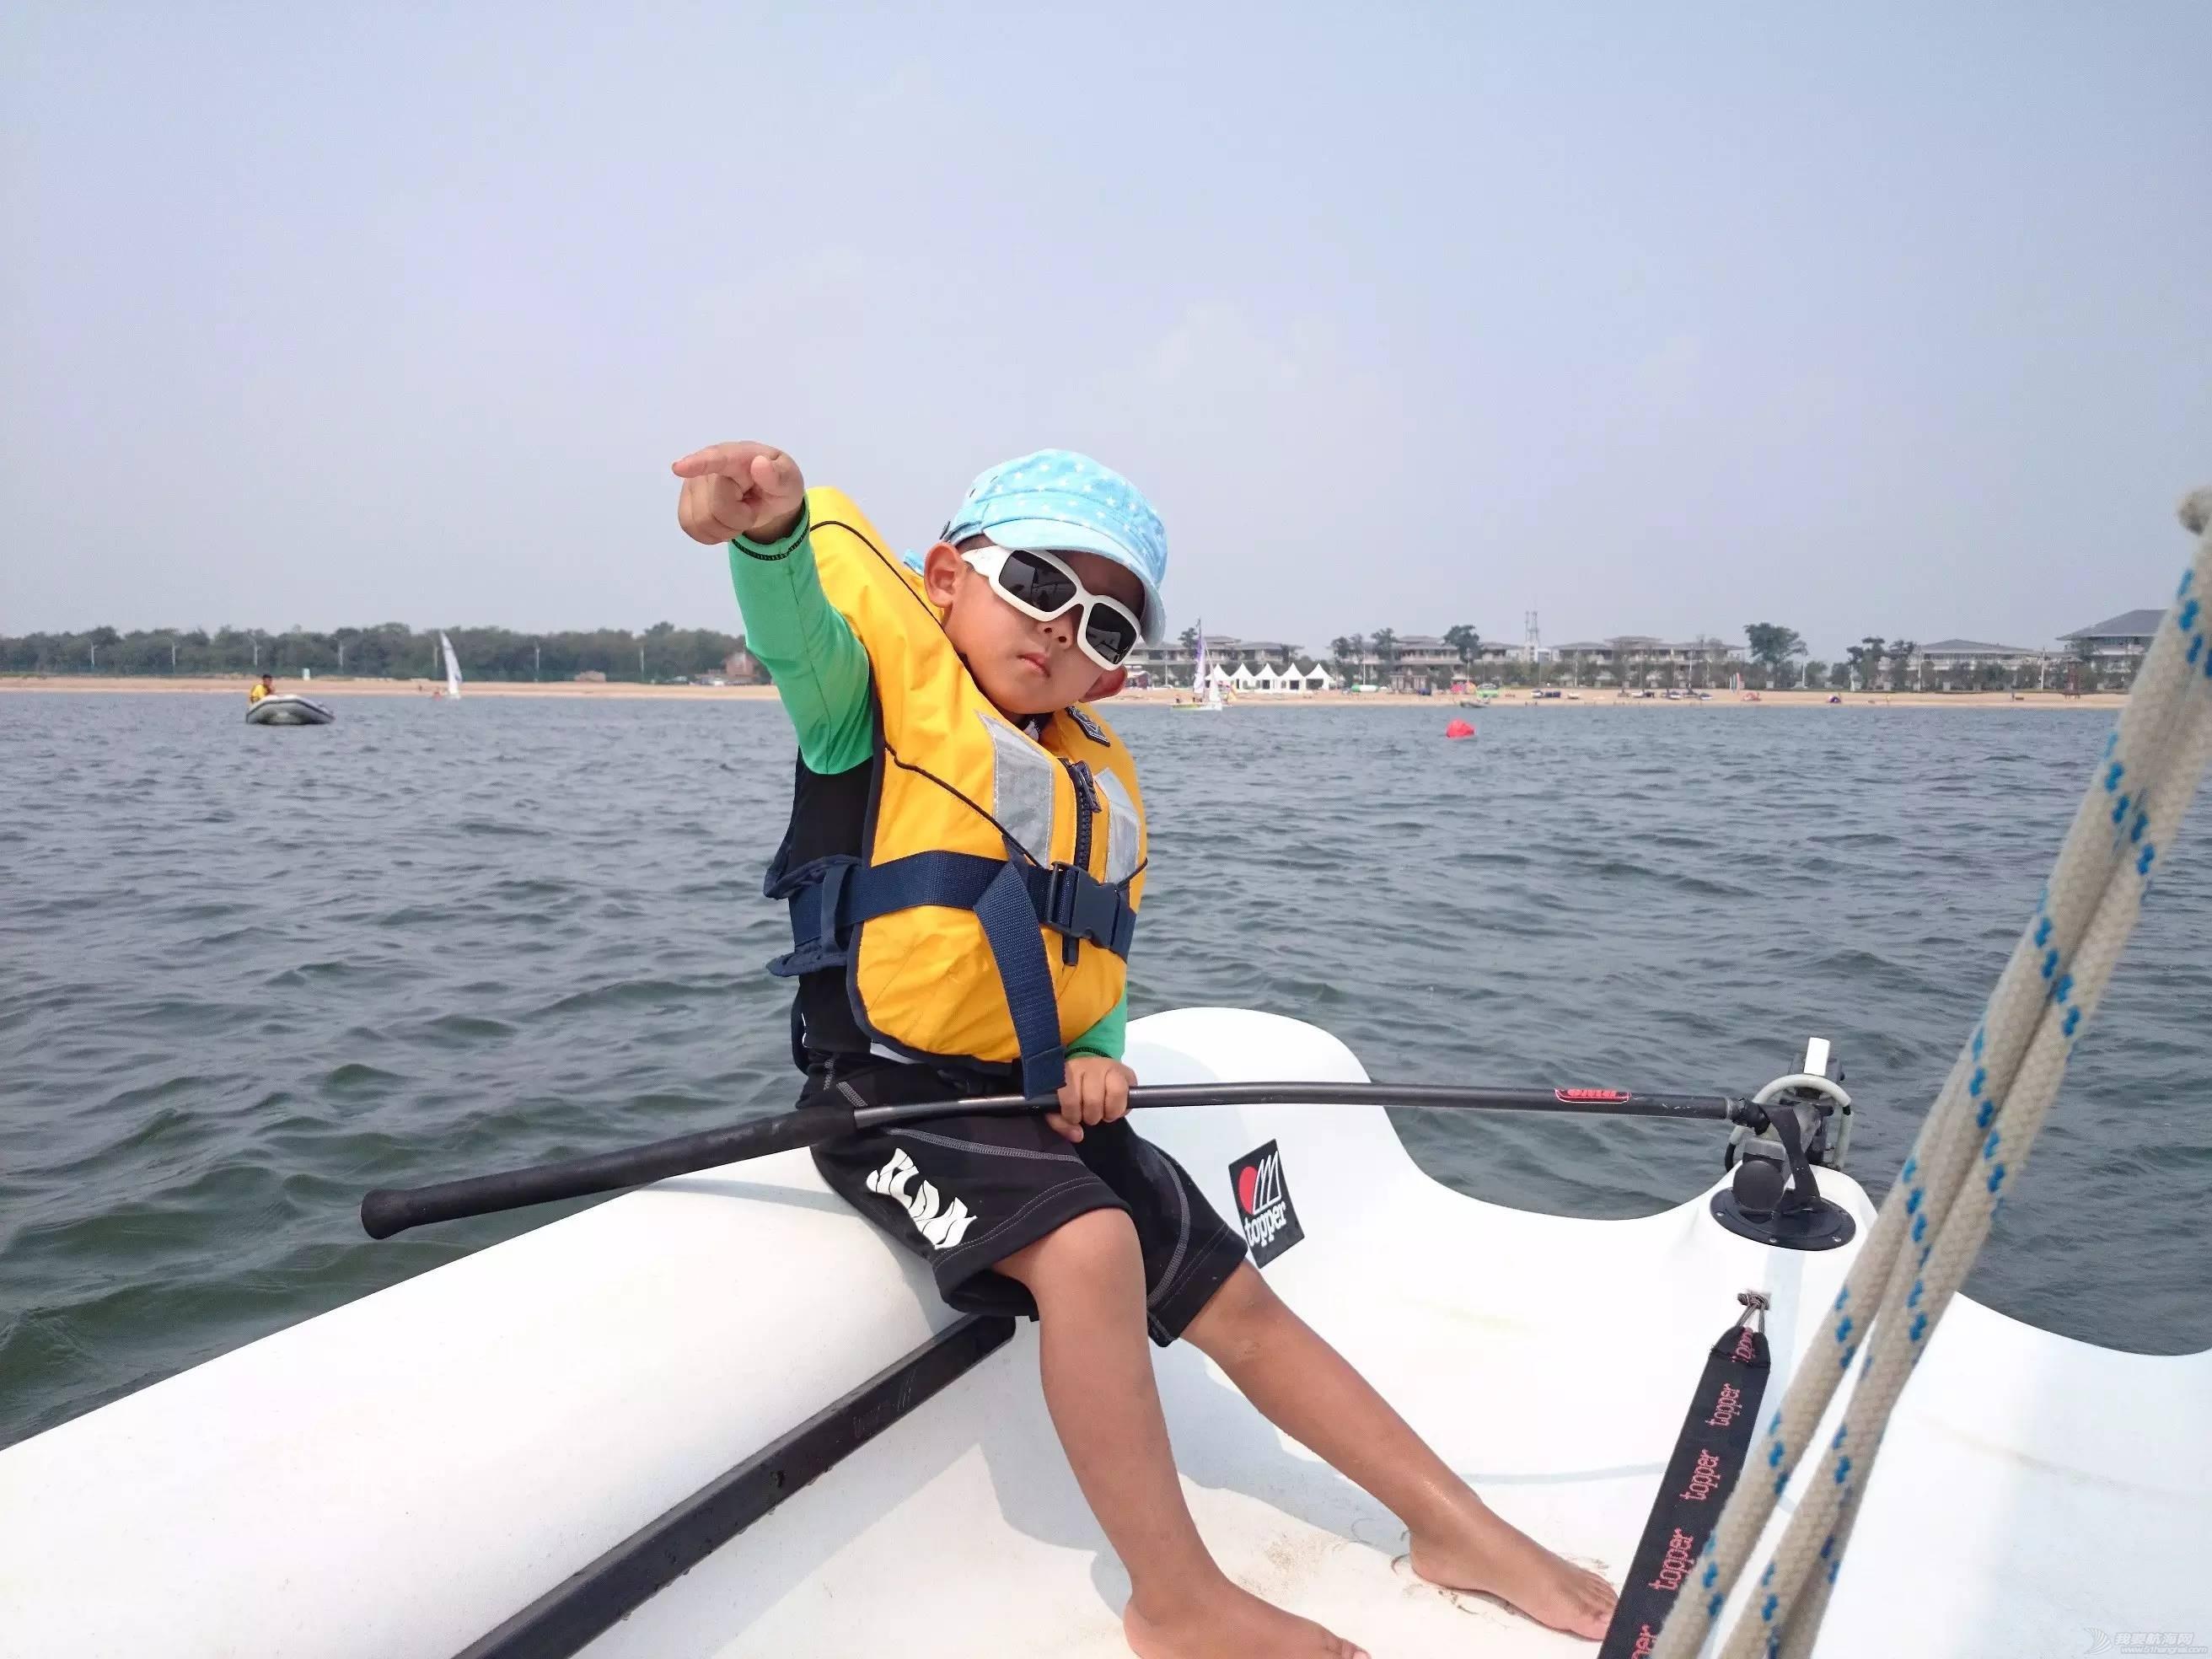 为什么要让孩子去学习小帆船 b242076ab8f55e33126635937c322a2a.jpg